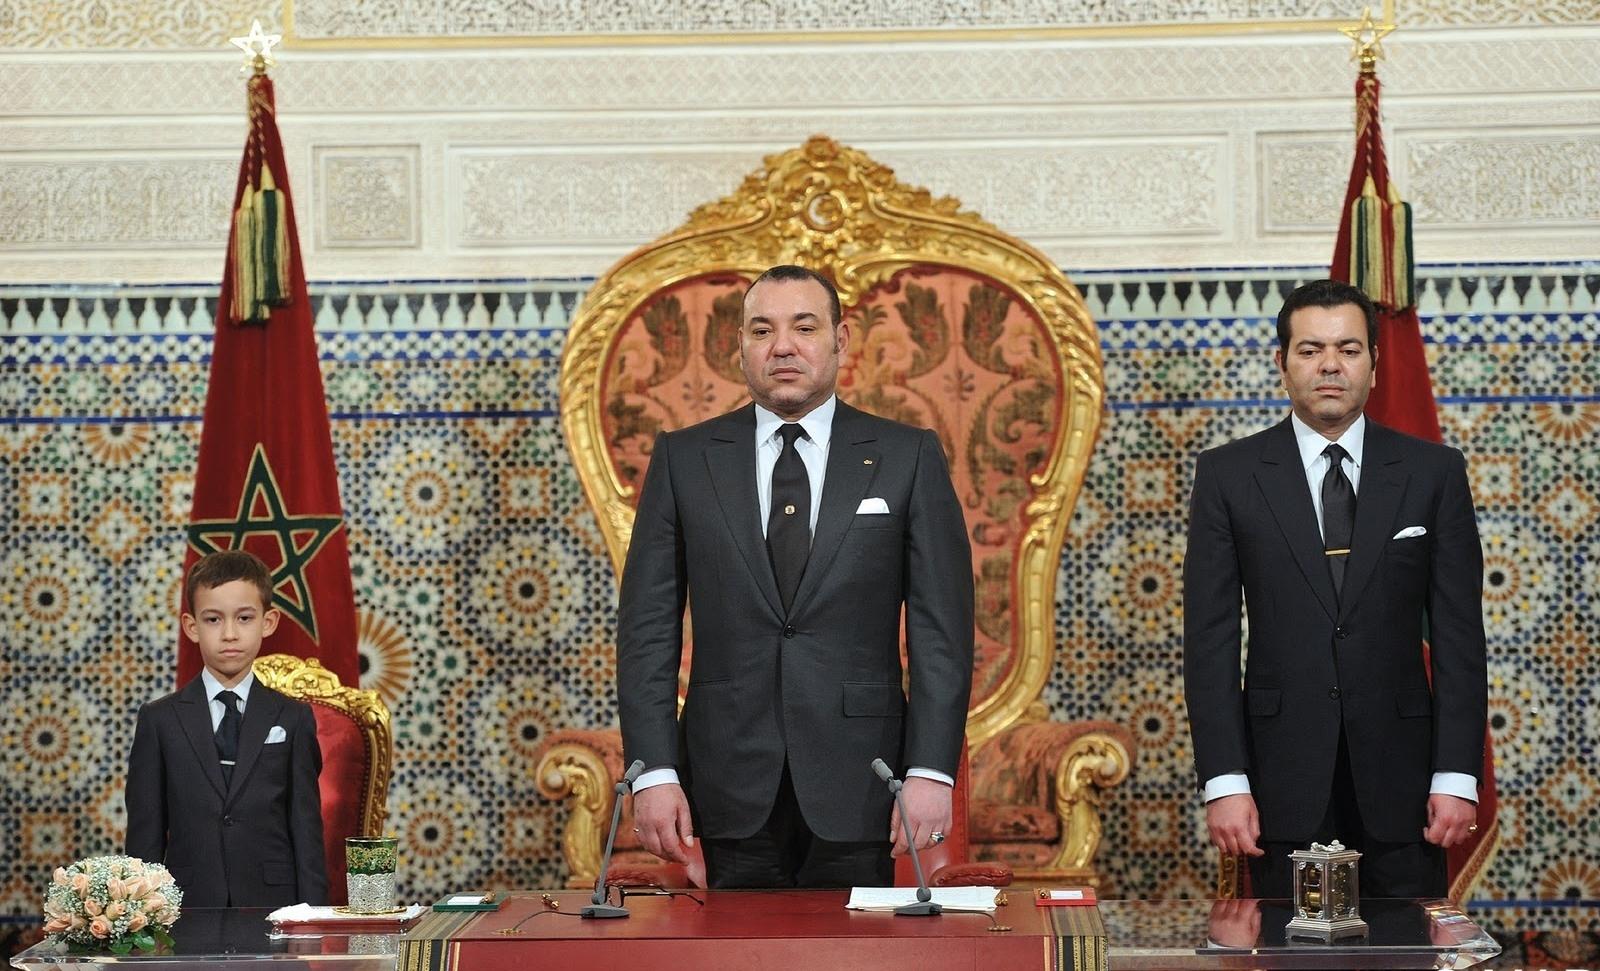 الملك محمد السادس يزور غينيا لأول مرة في فبراير القادم